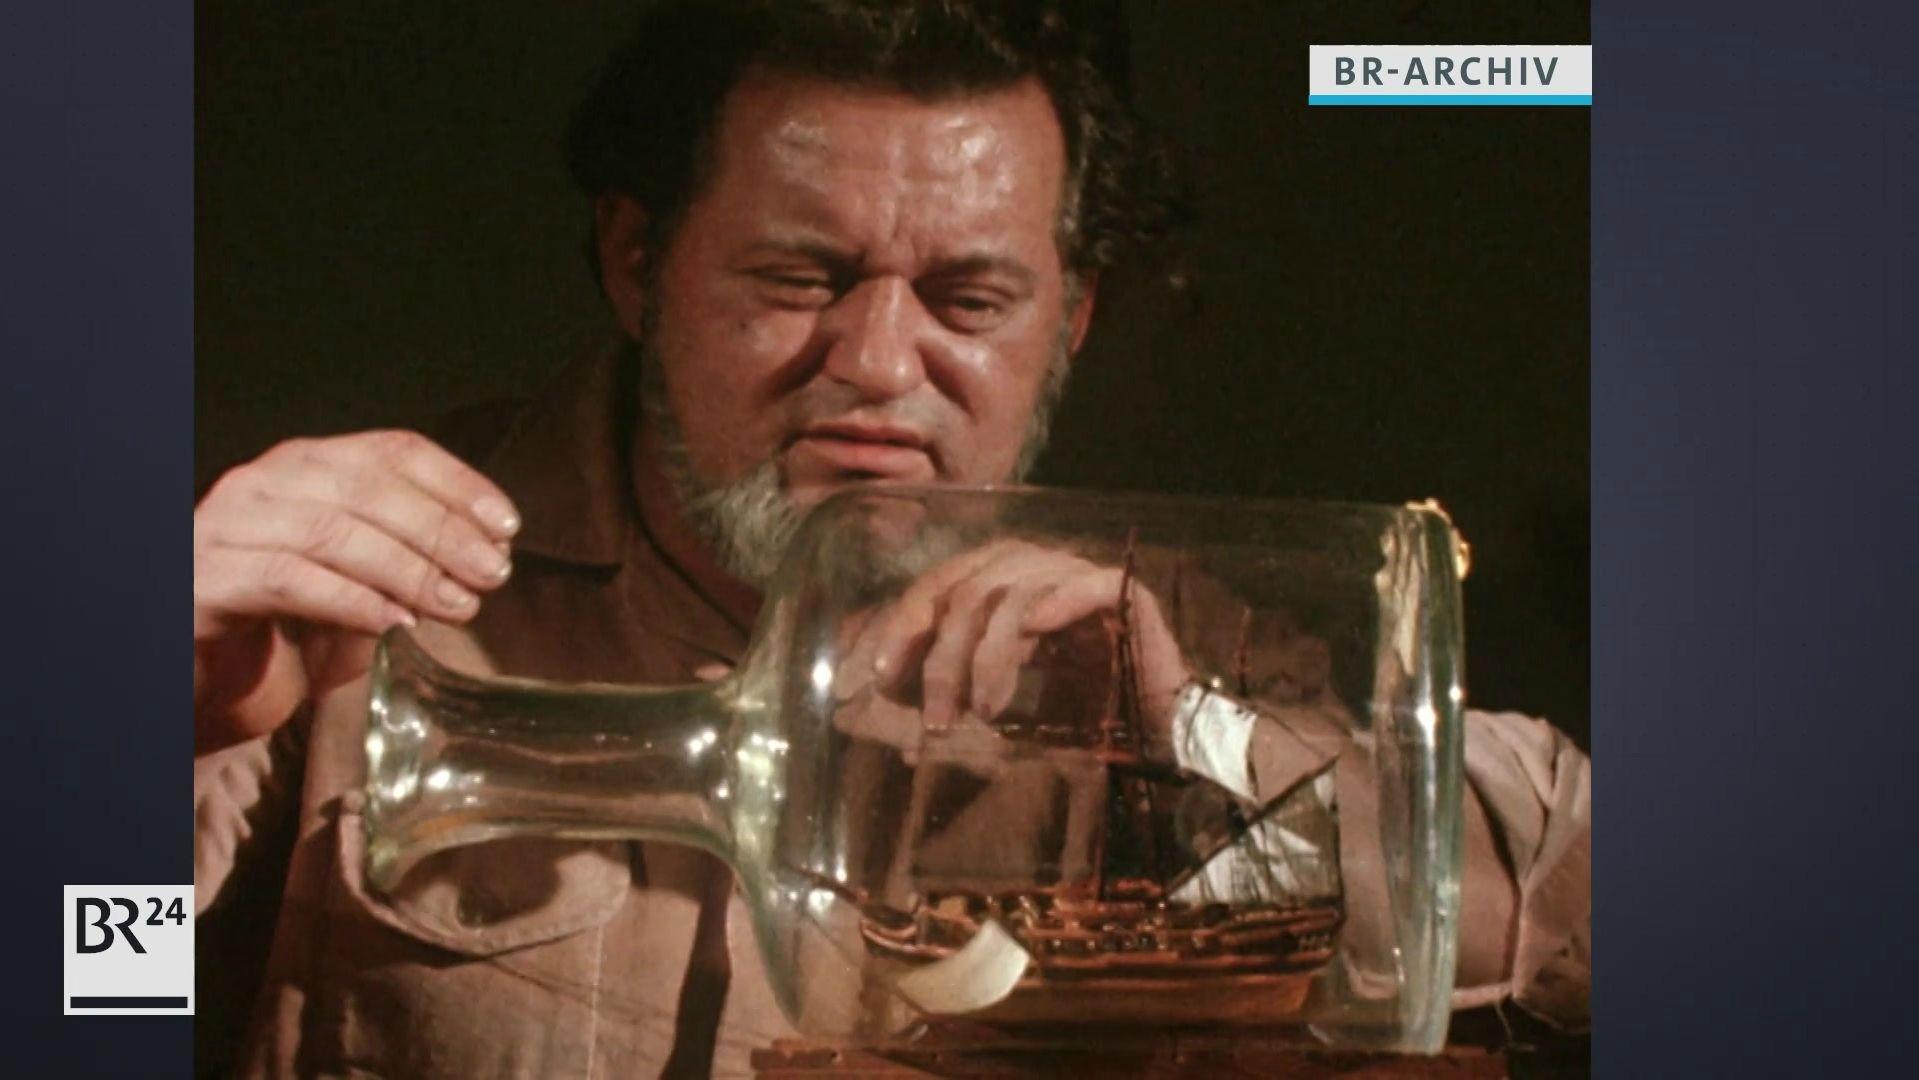 Buddelschiffskapitän Otto Palmen gibt ein Segel in die Flasche